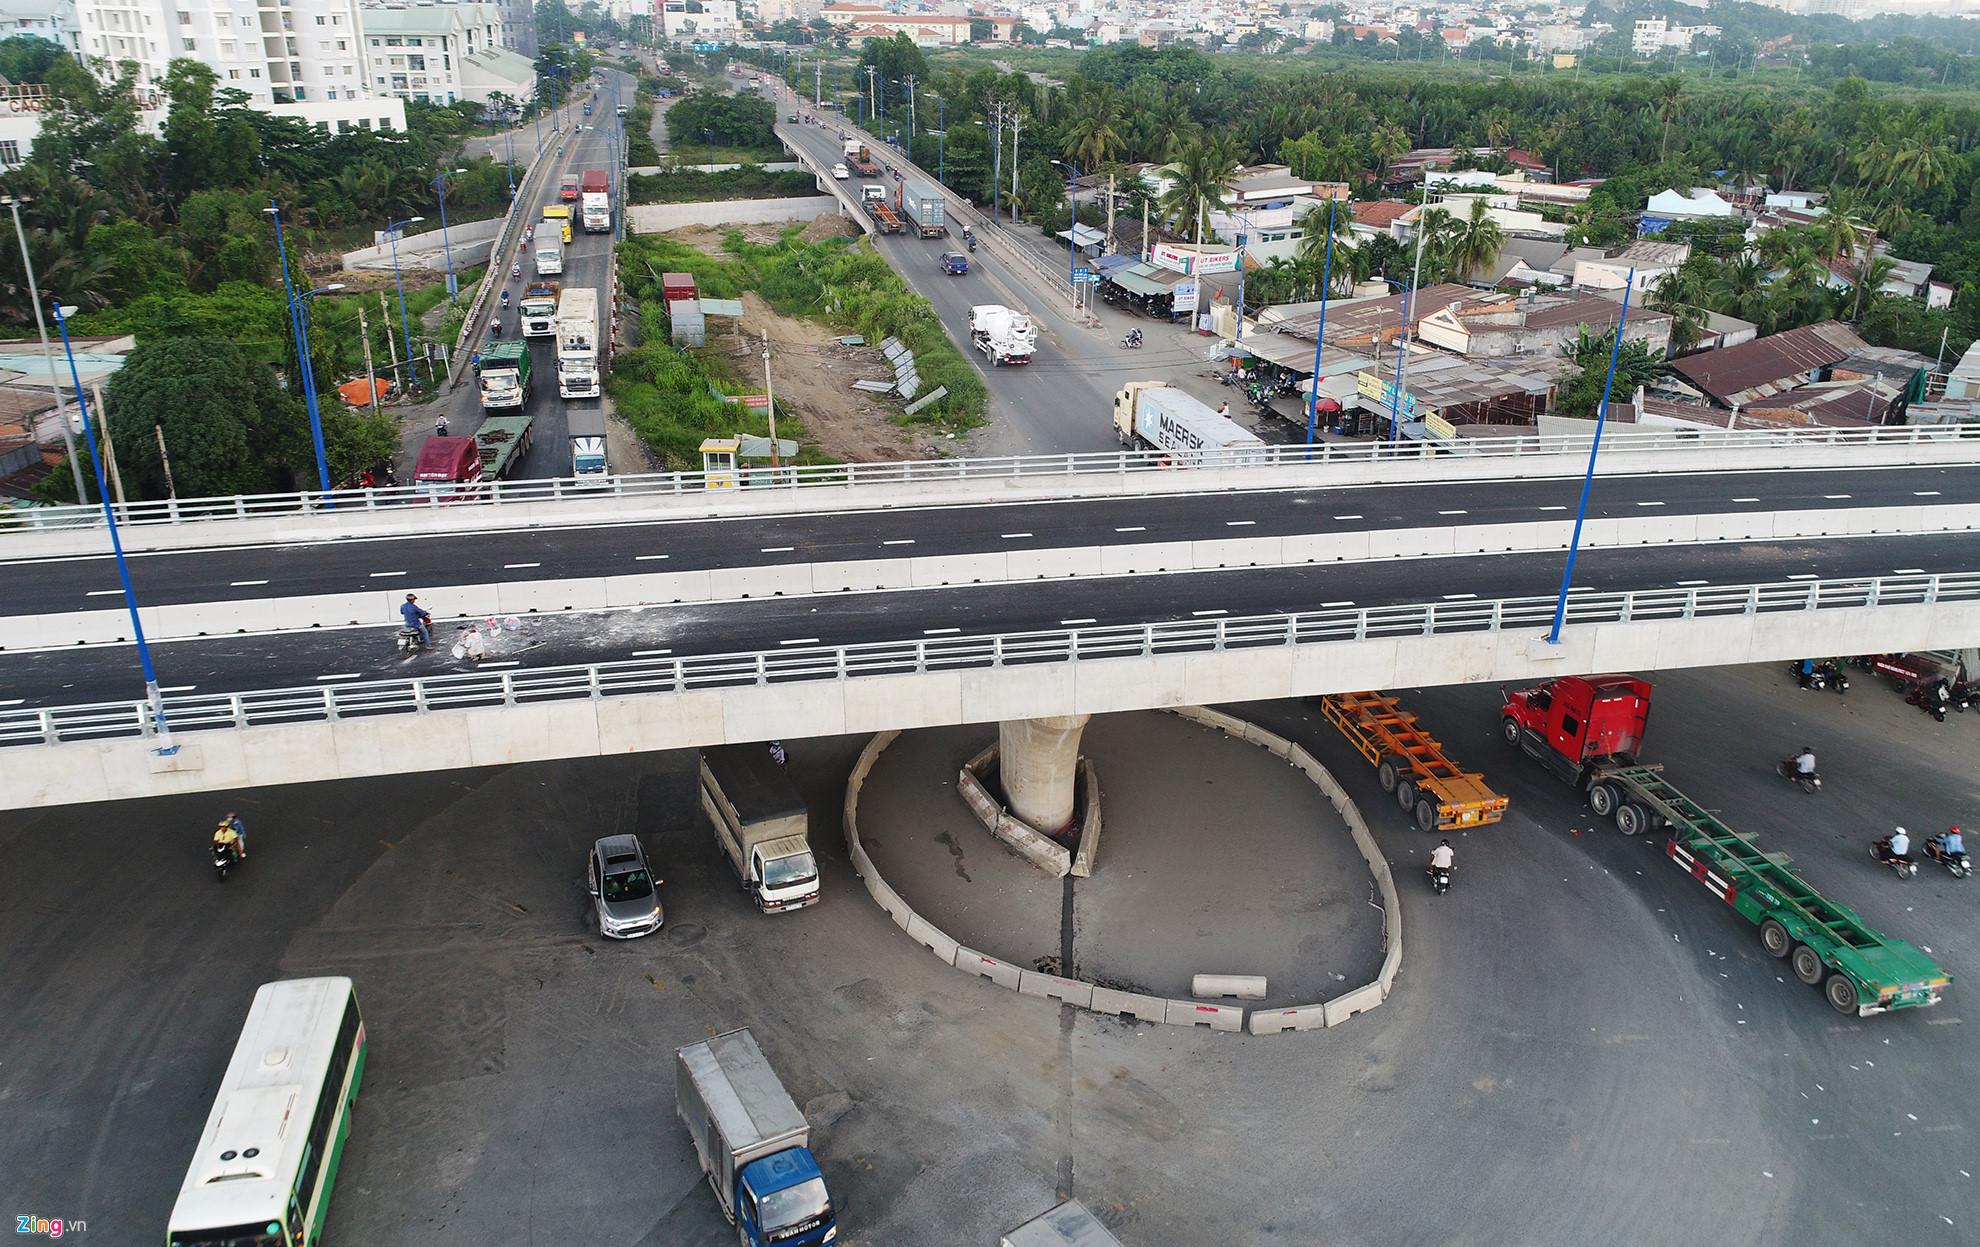 Nút giao thông Mỹ Thủy được thông xe toàn tuyến gồm Hầm Chui và Cầu Vượt thúc đẩy giá BĐS khu vực tăng nhanh - Khang Điền HCM